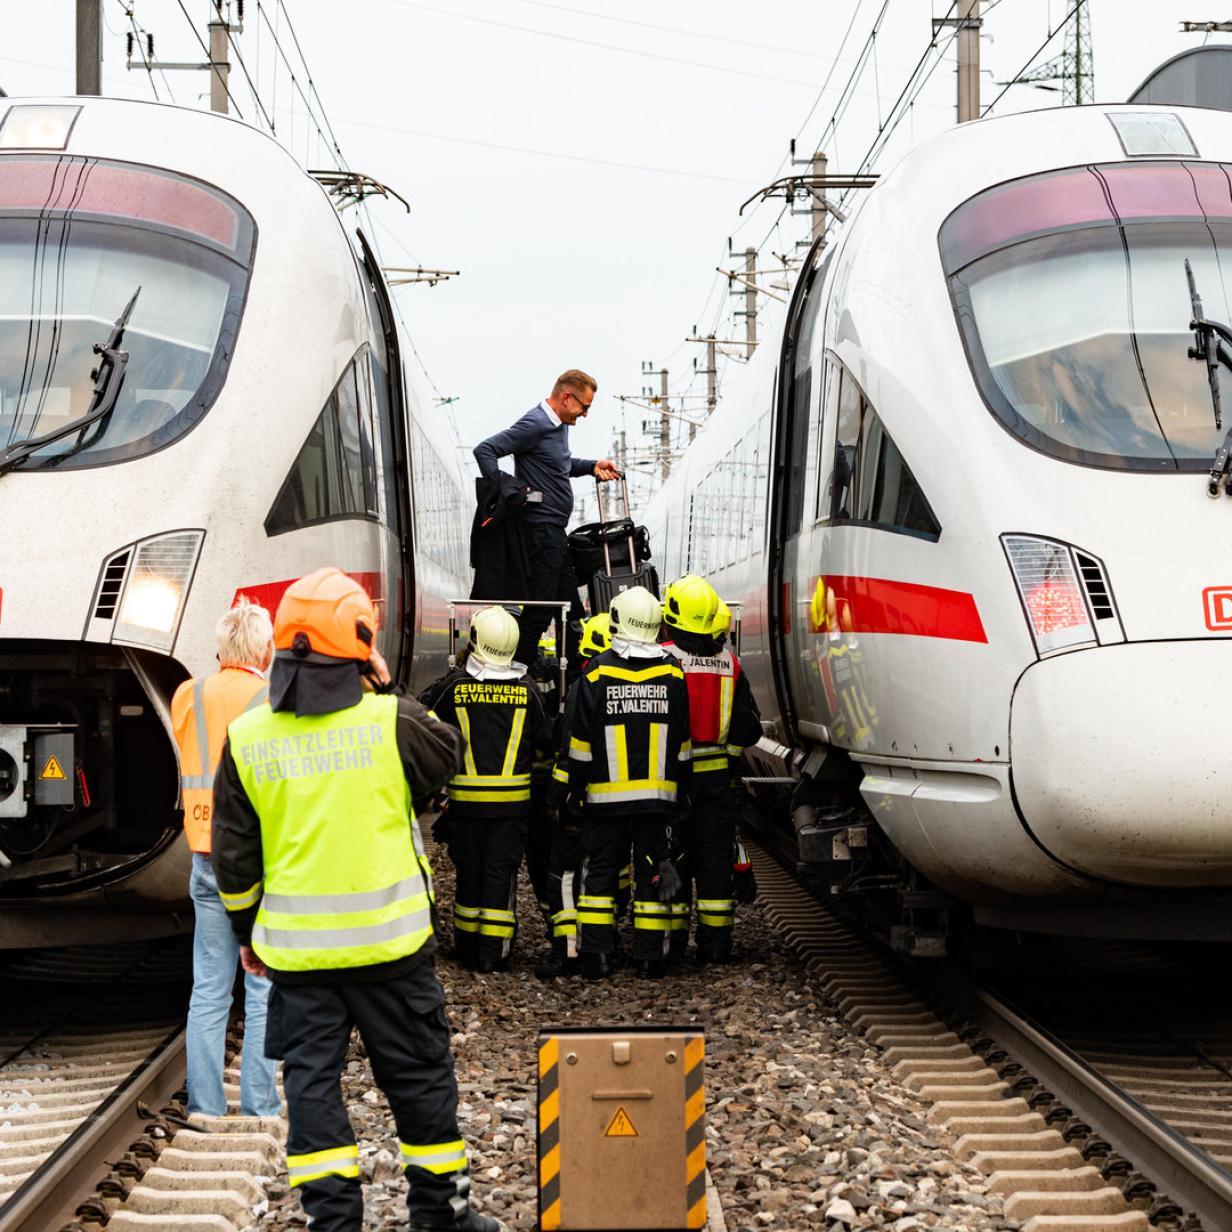 200 Fahrgäste mussten aus defektem ICE evakuiert werden